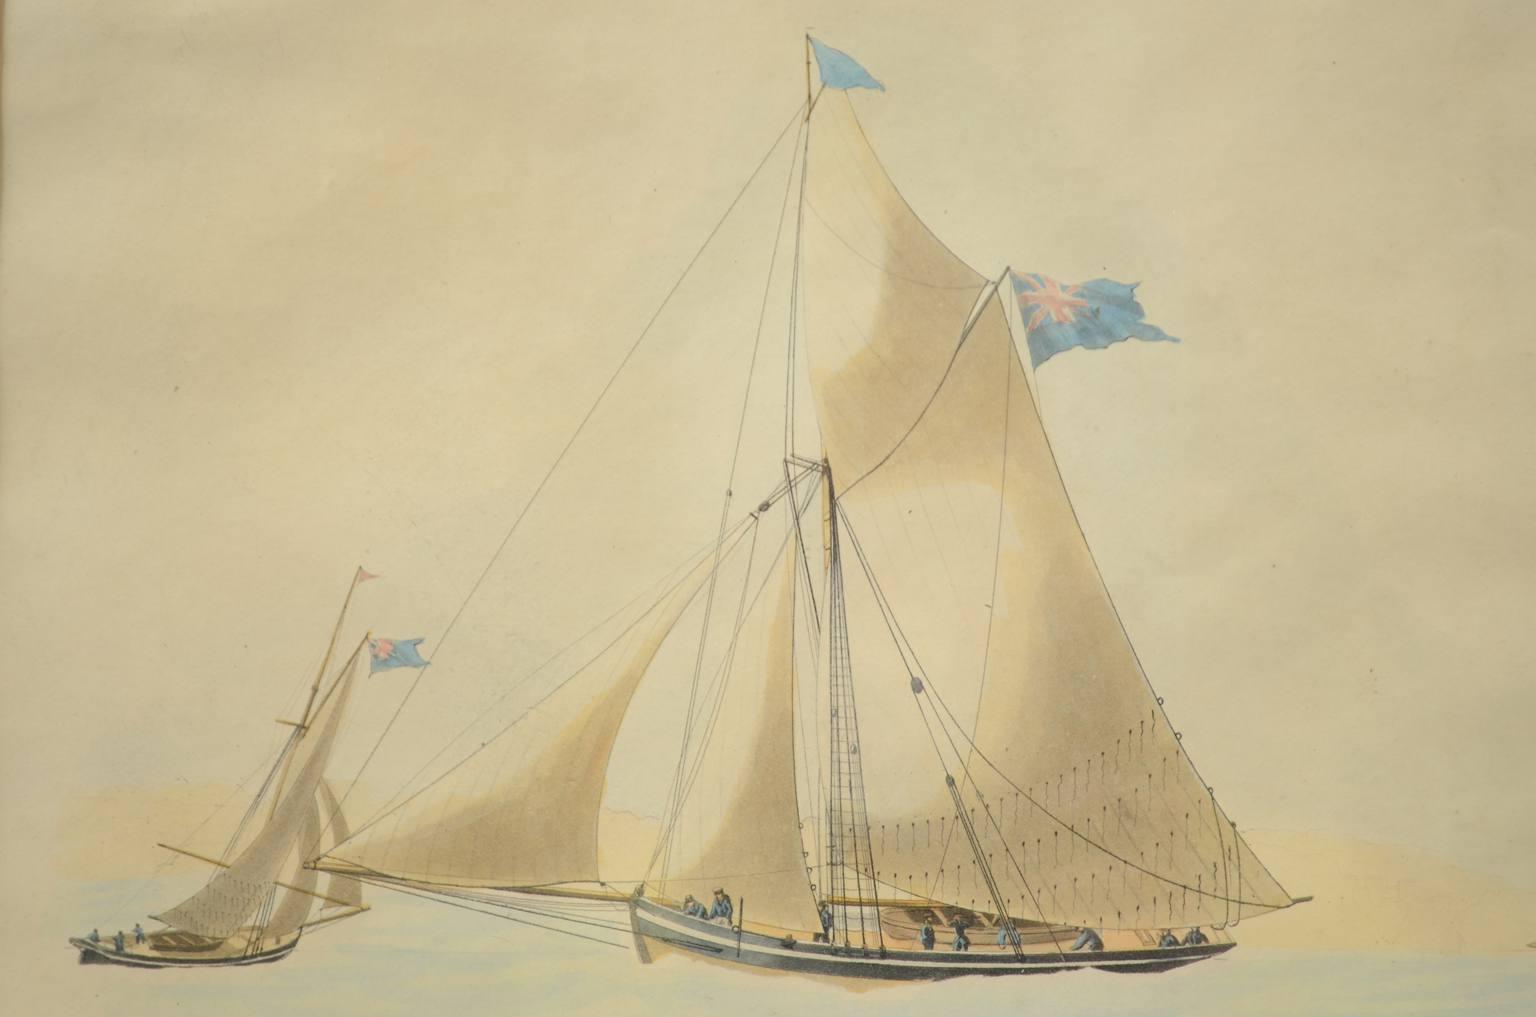 航海类古董/3588A-漂亮的水粉